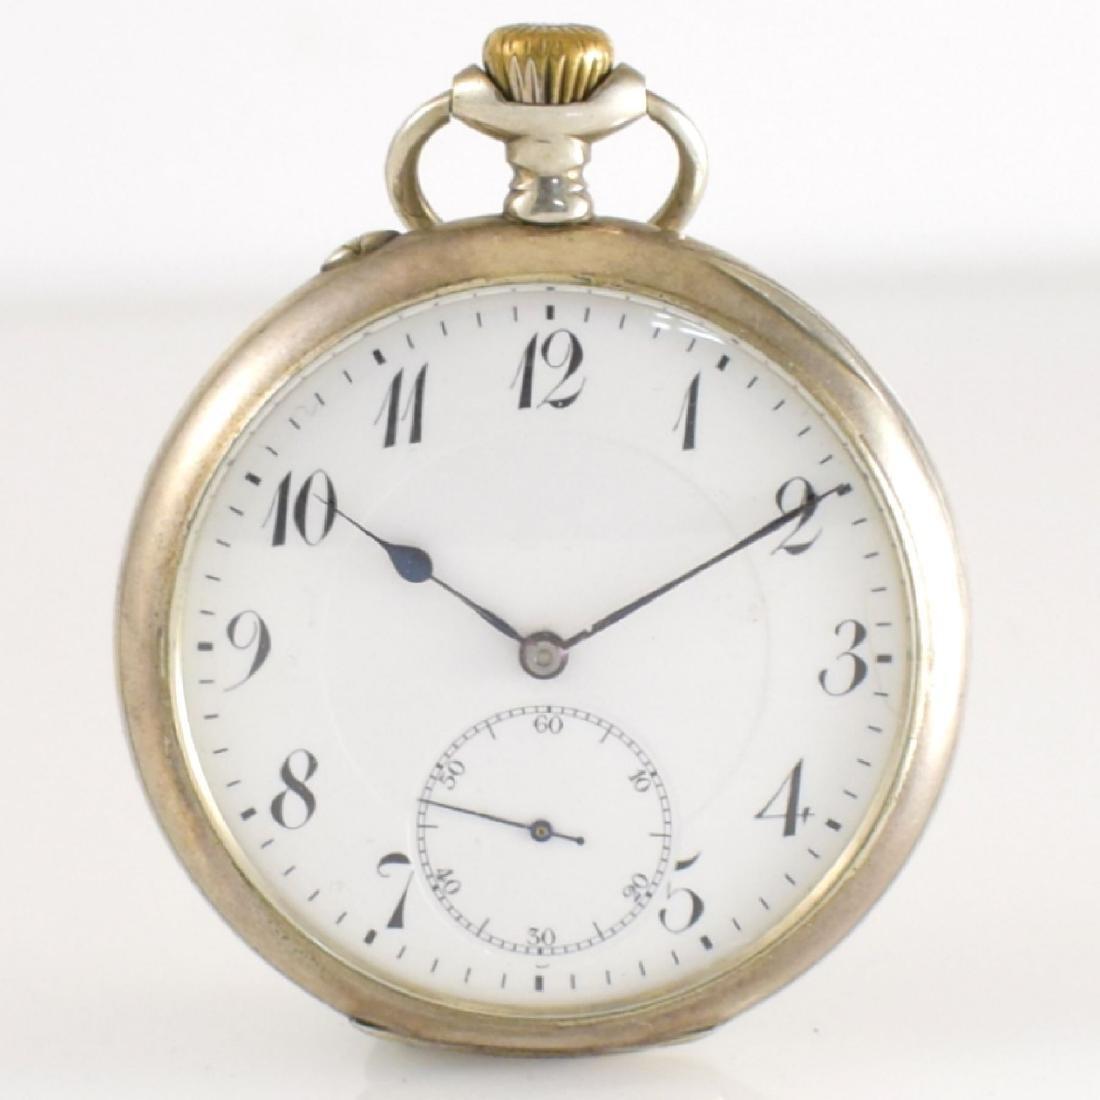 IWC open face pocket watch in silver